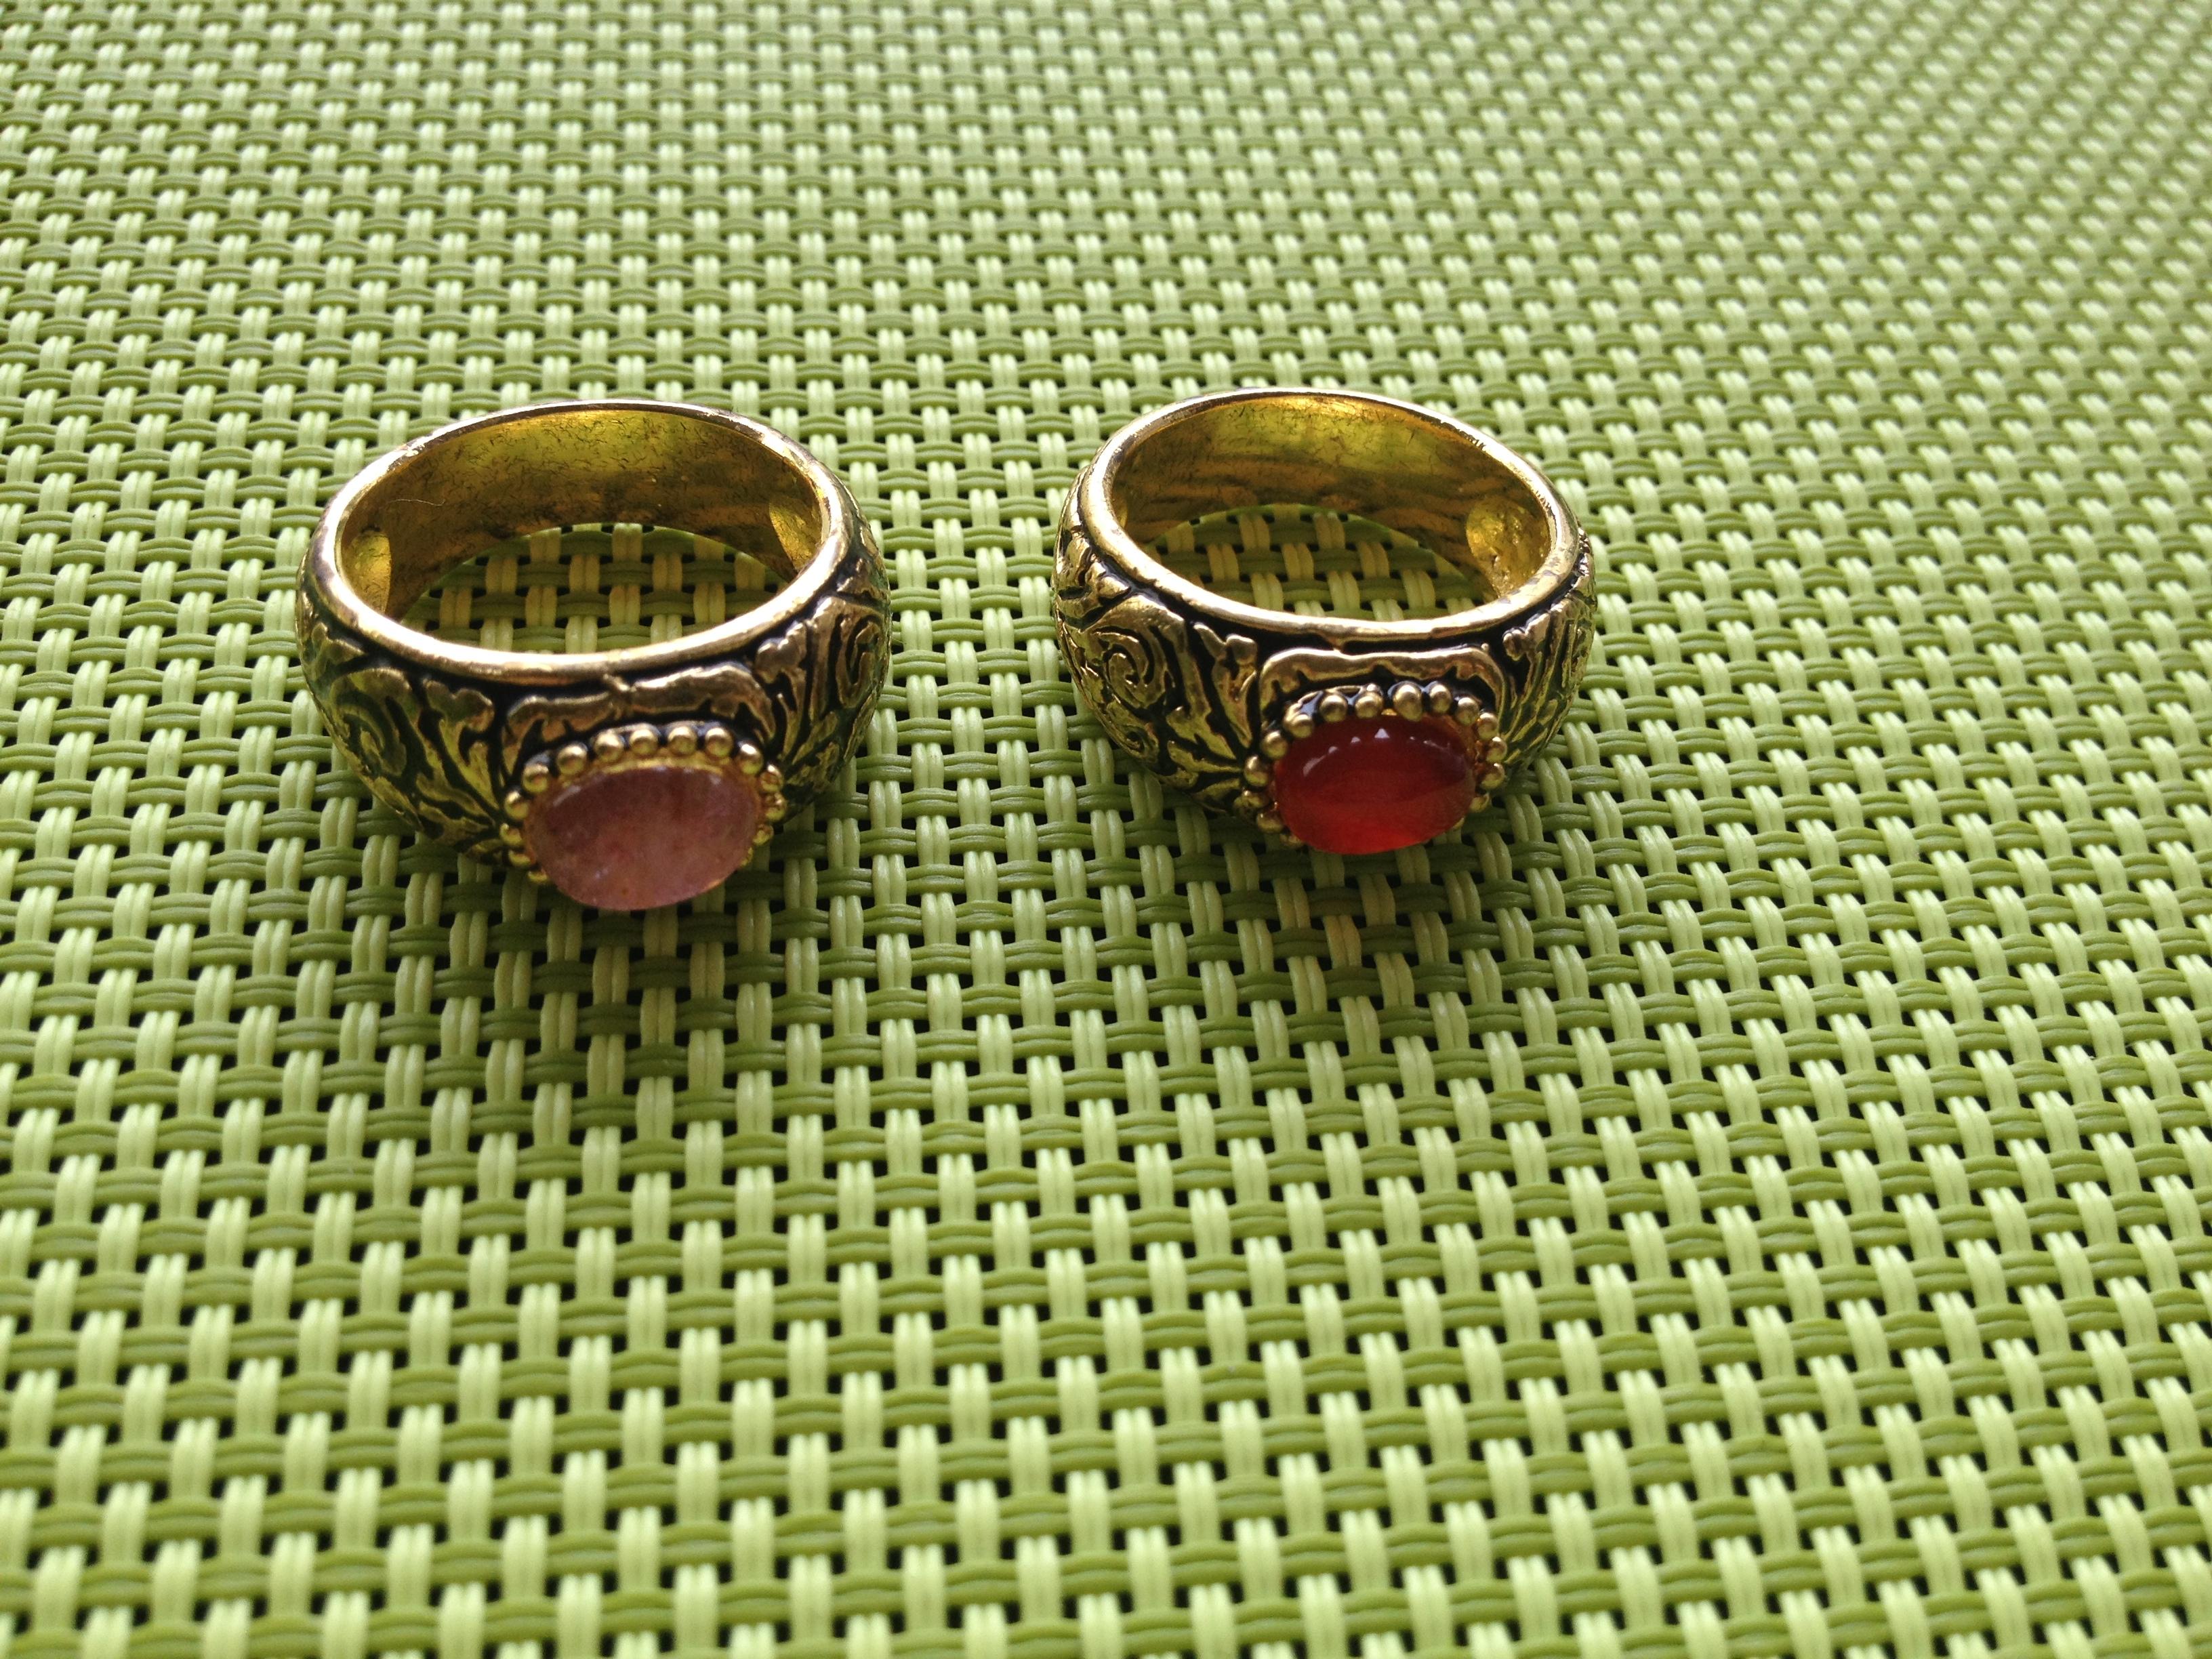 แหวนถมทอง ลายสุโขทัย ฝังพลอยหลังเบี้ย